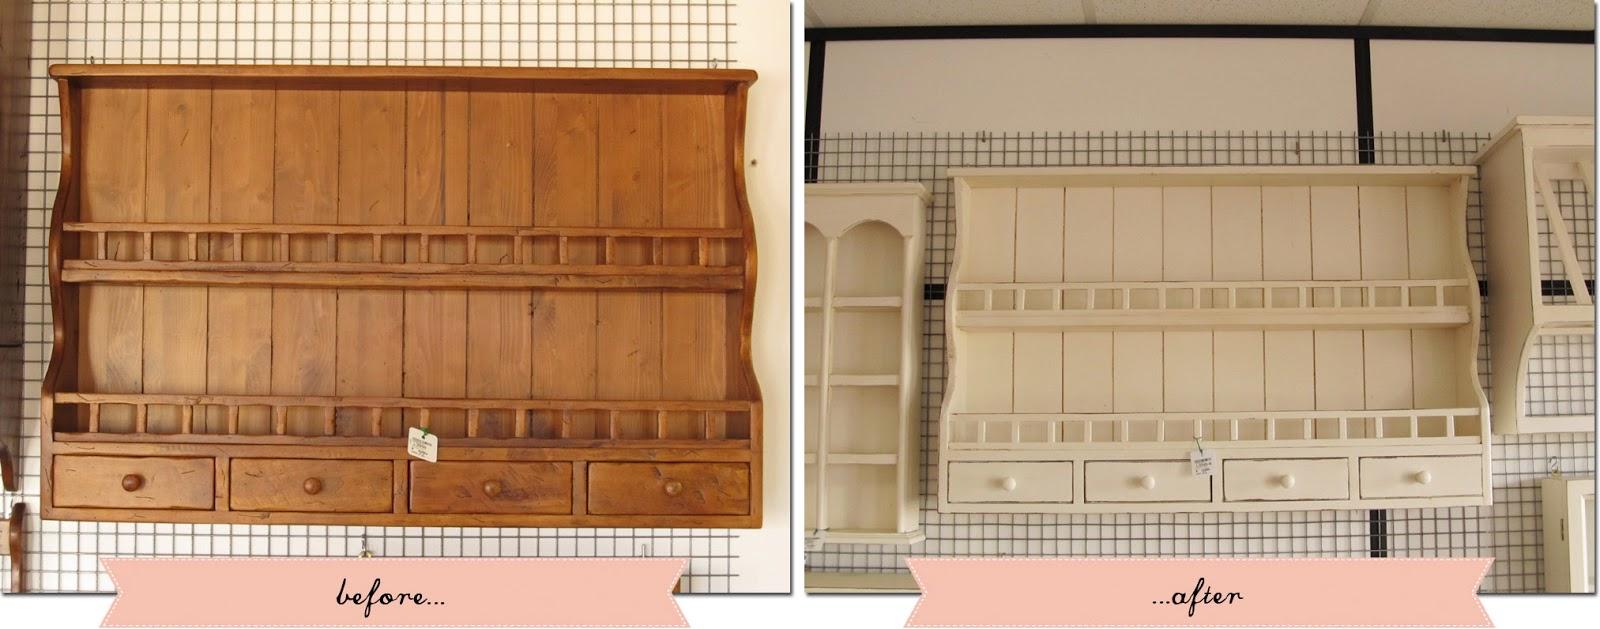 Una piattaia tanti stili shabby chic interiors - Dipingere una cucina ...